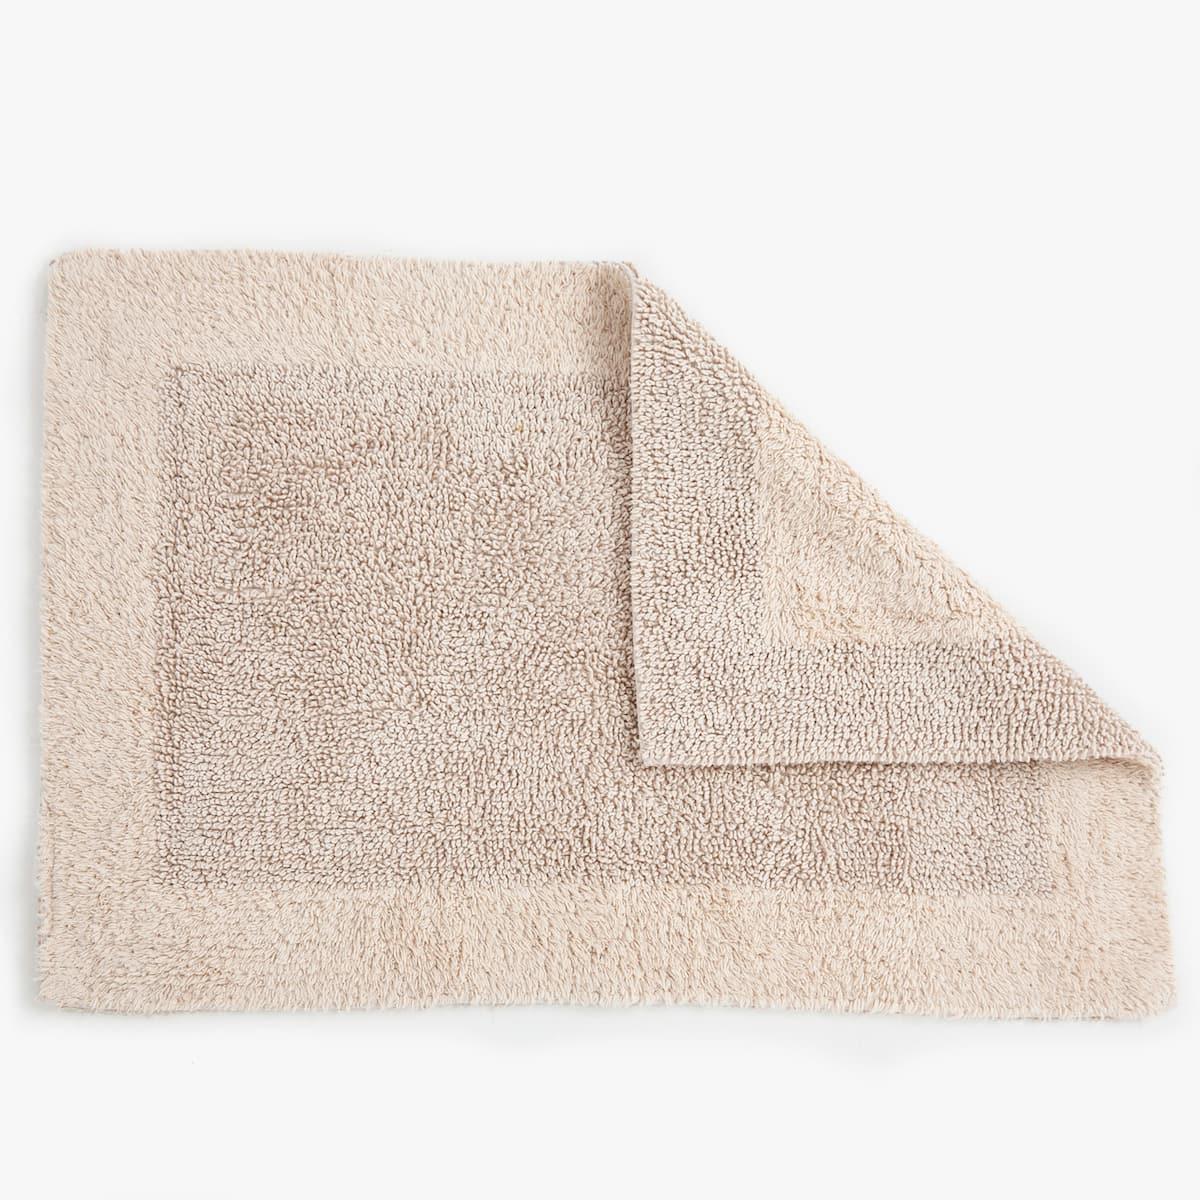 Afbeelding 4 van het product Dubbelzijdige badmat met kader